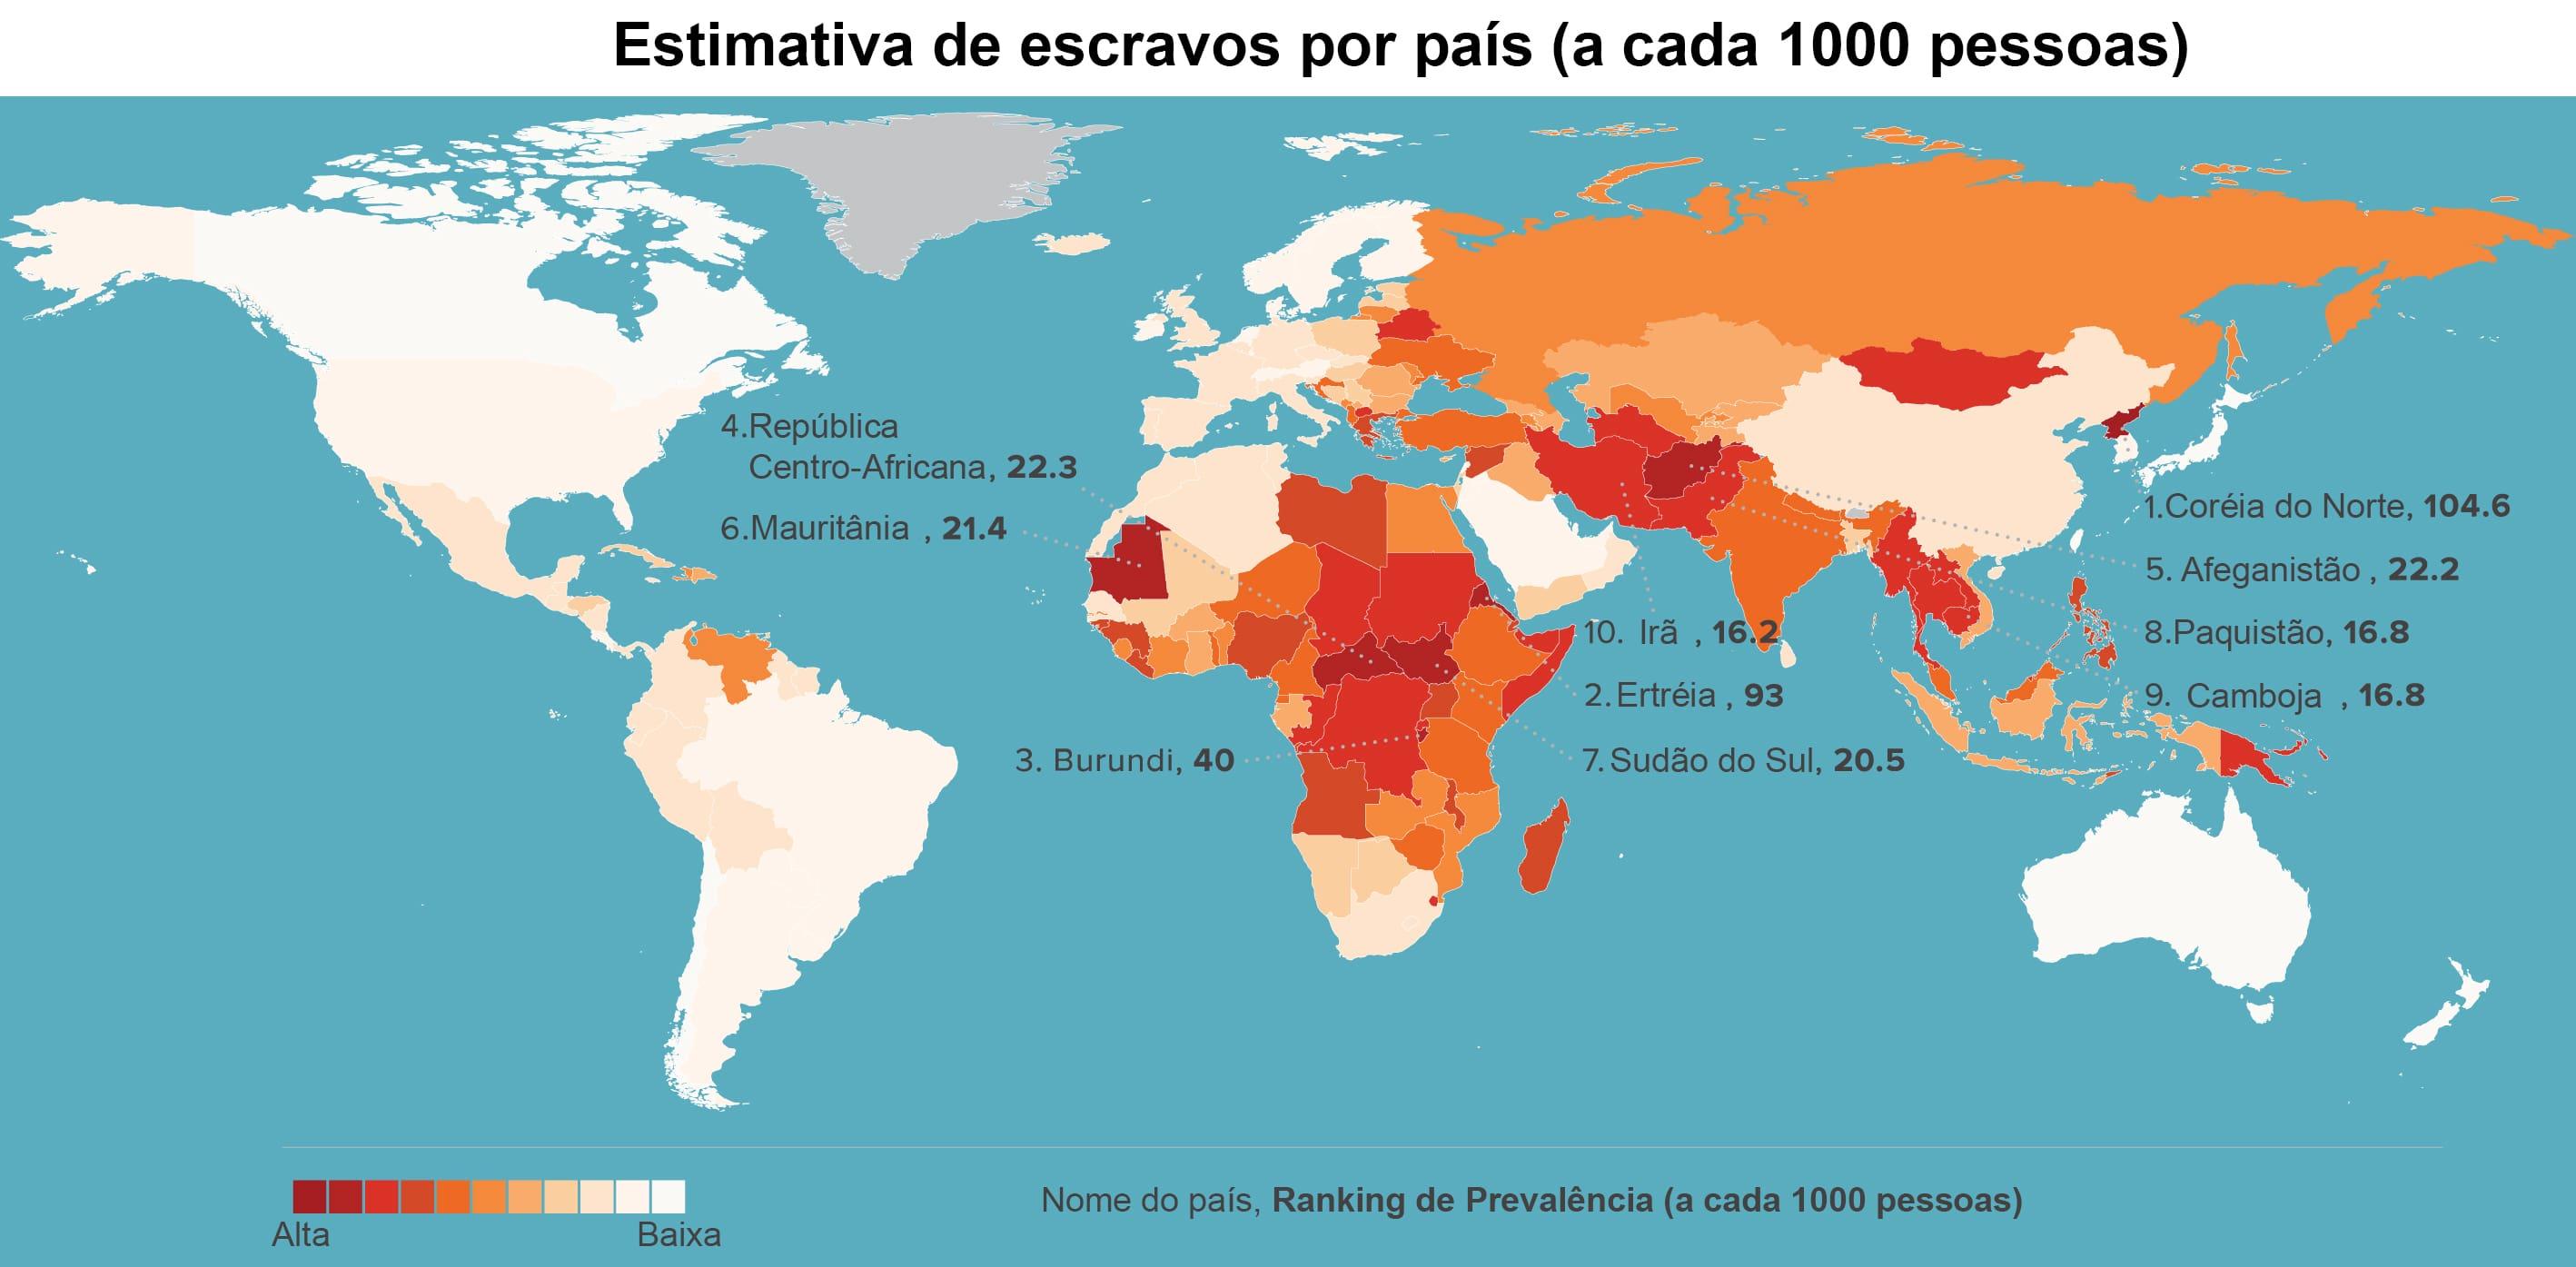 Escravidão no mundo. Estimativa de escravos por país